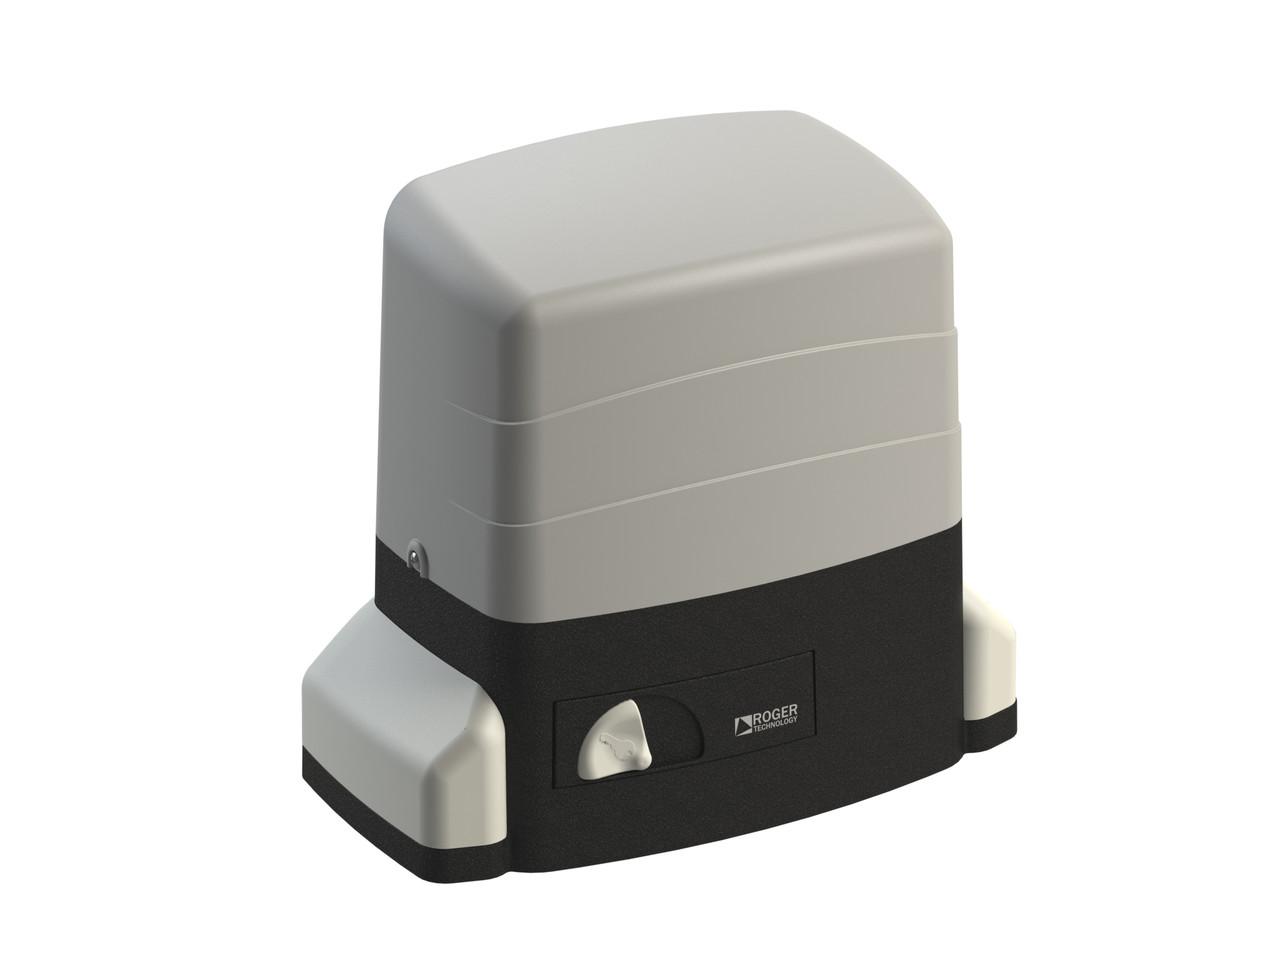 Автоматика Roger Technology R30/1204 для откатных ворот весом до 1200 кг с магнитными концевыми выключателями